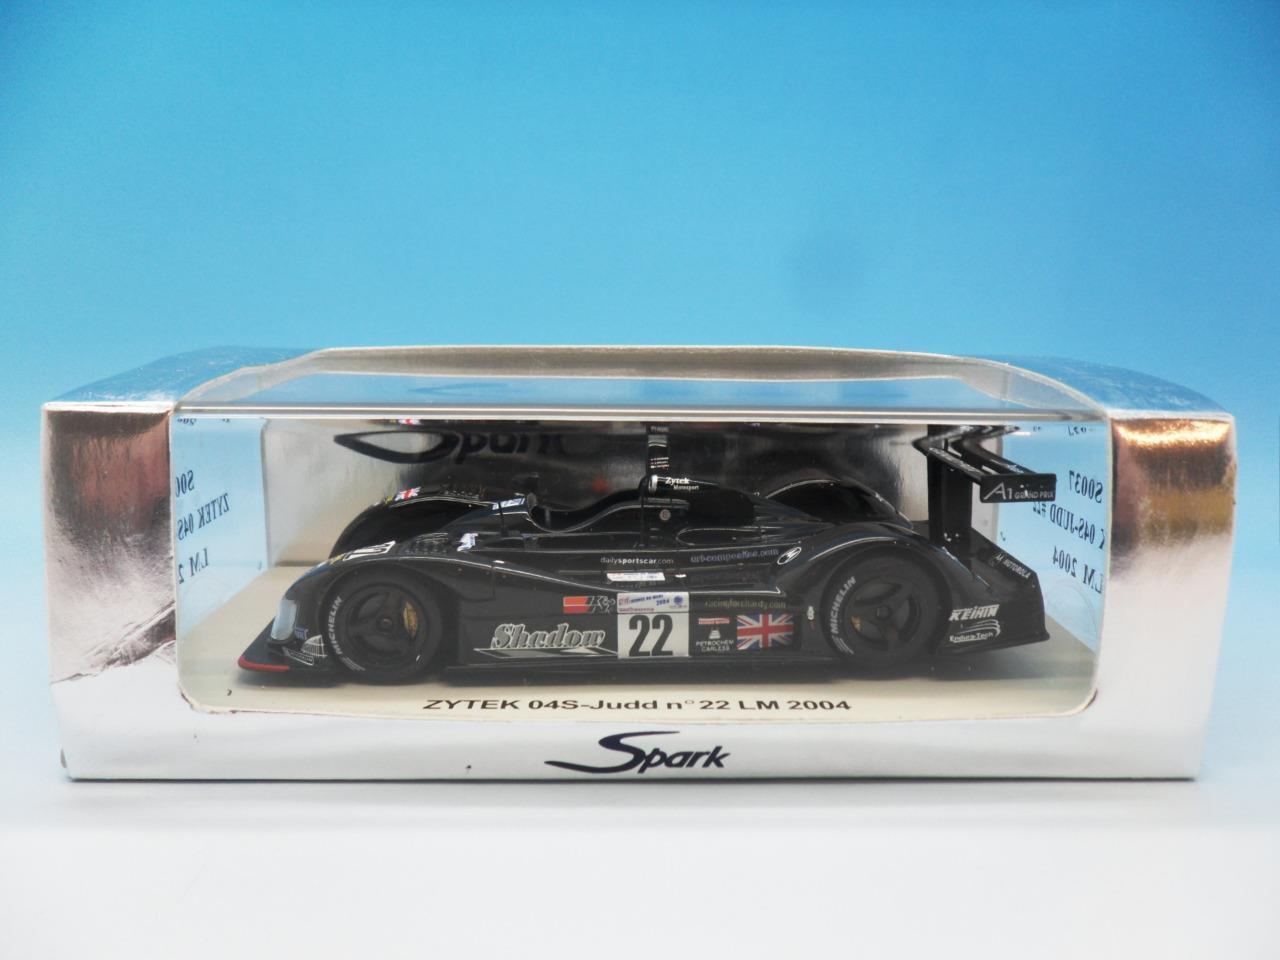 Spark 1 43 Zytek 04S - Judd  22 Le Mans 2004 S0037